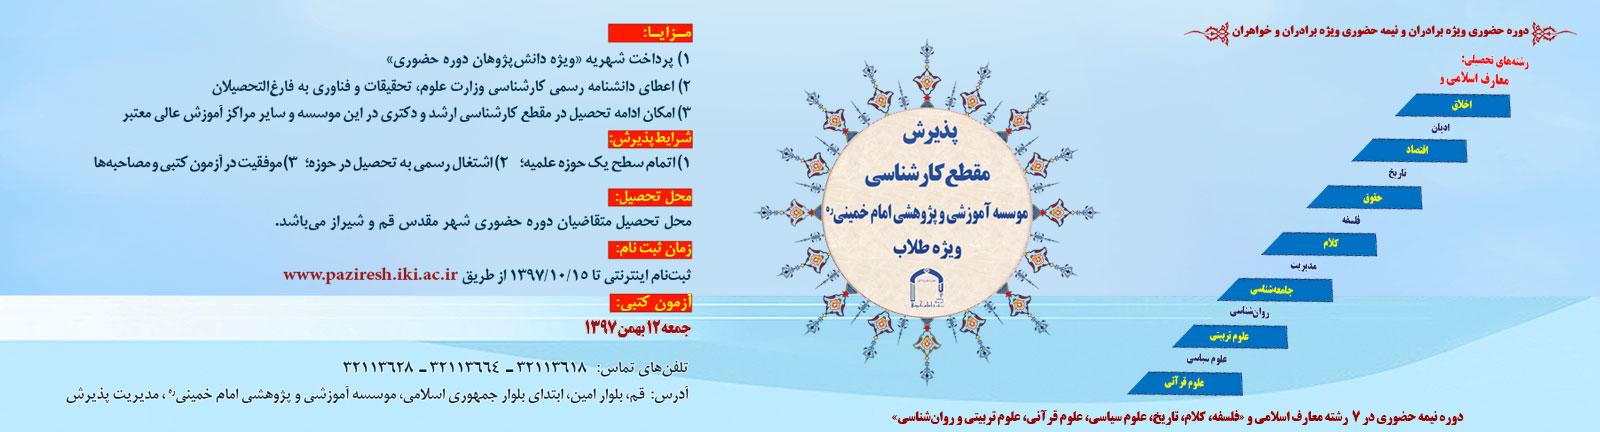 اطلاعیه پذیرش کارشناسی98 موسسه امام خمینی